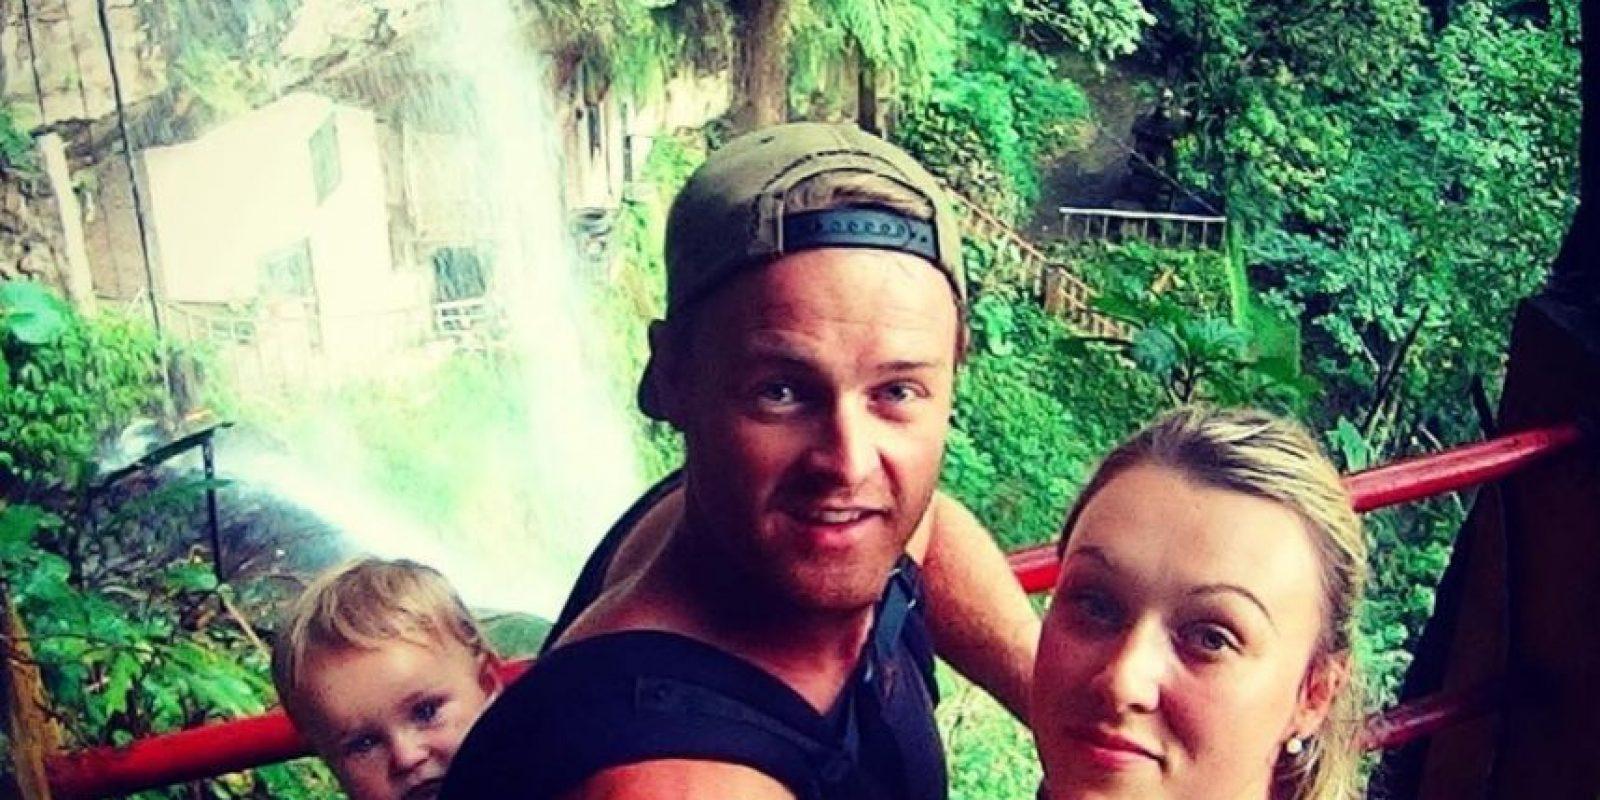 Los mejores momentos del viaje Foto:instagram.com/travelmadmum/